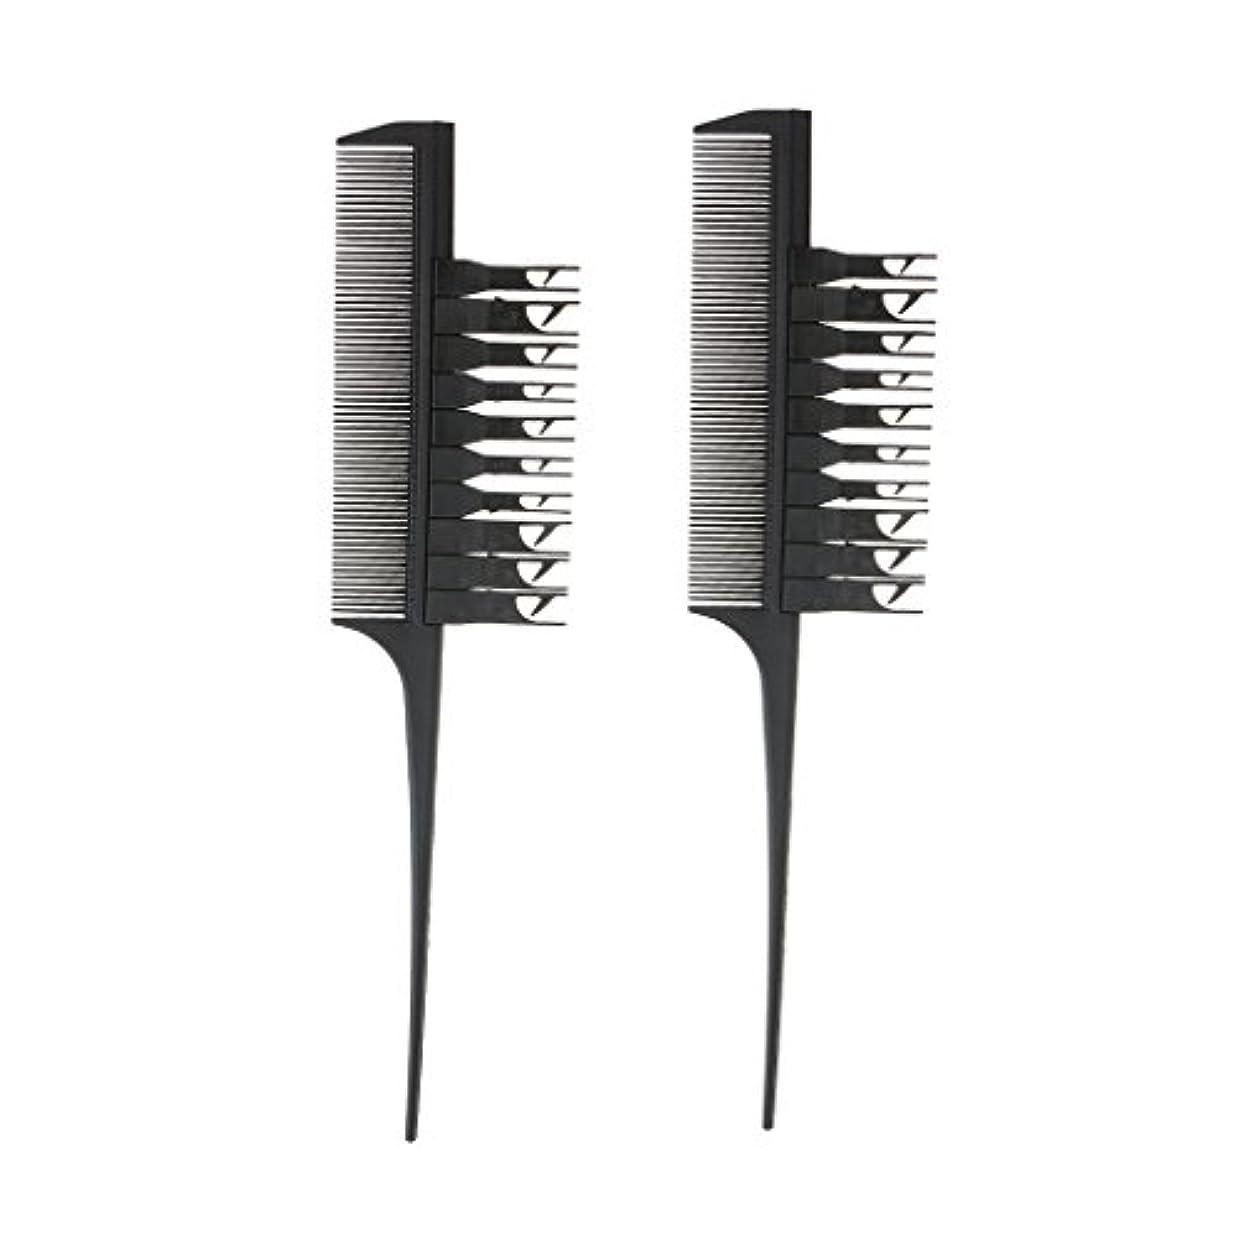 決定代表ずっとFenteer 2個 コーム 櫛 ブラシ ヘアダイブラシ サロン ヘアカラーリング 髪の毛 スライス 交換可能